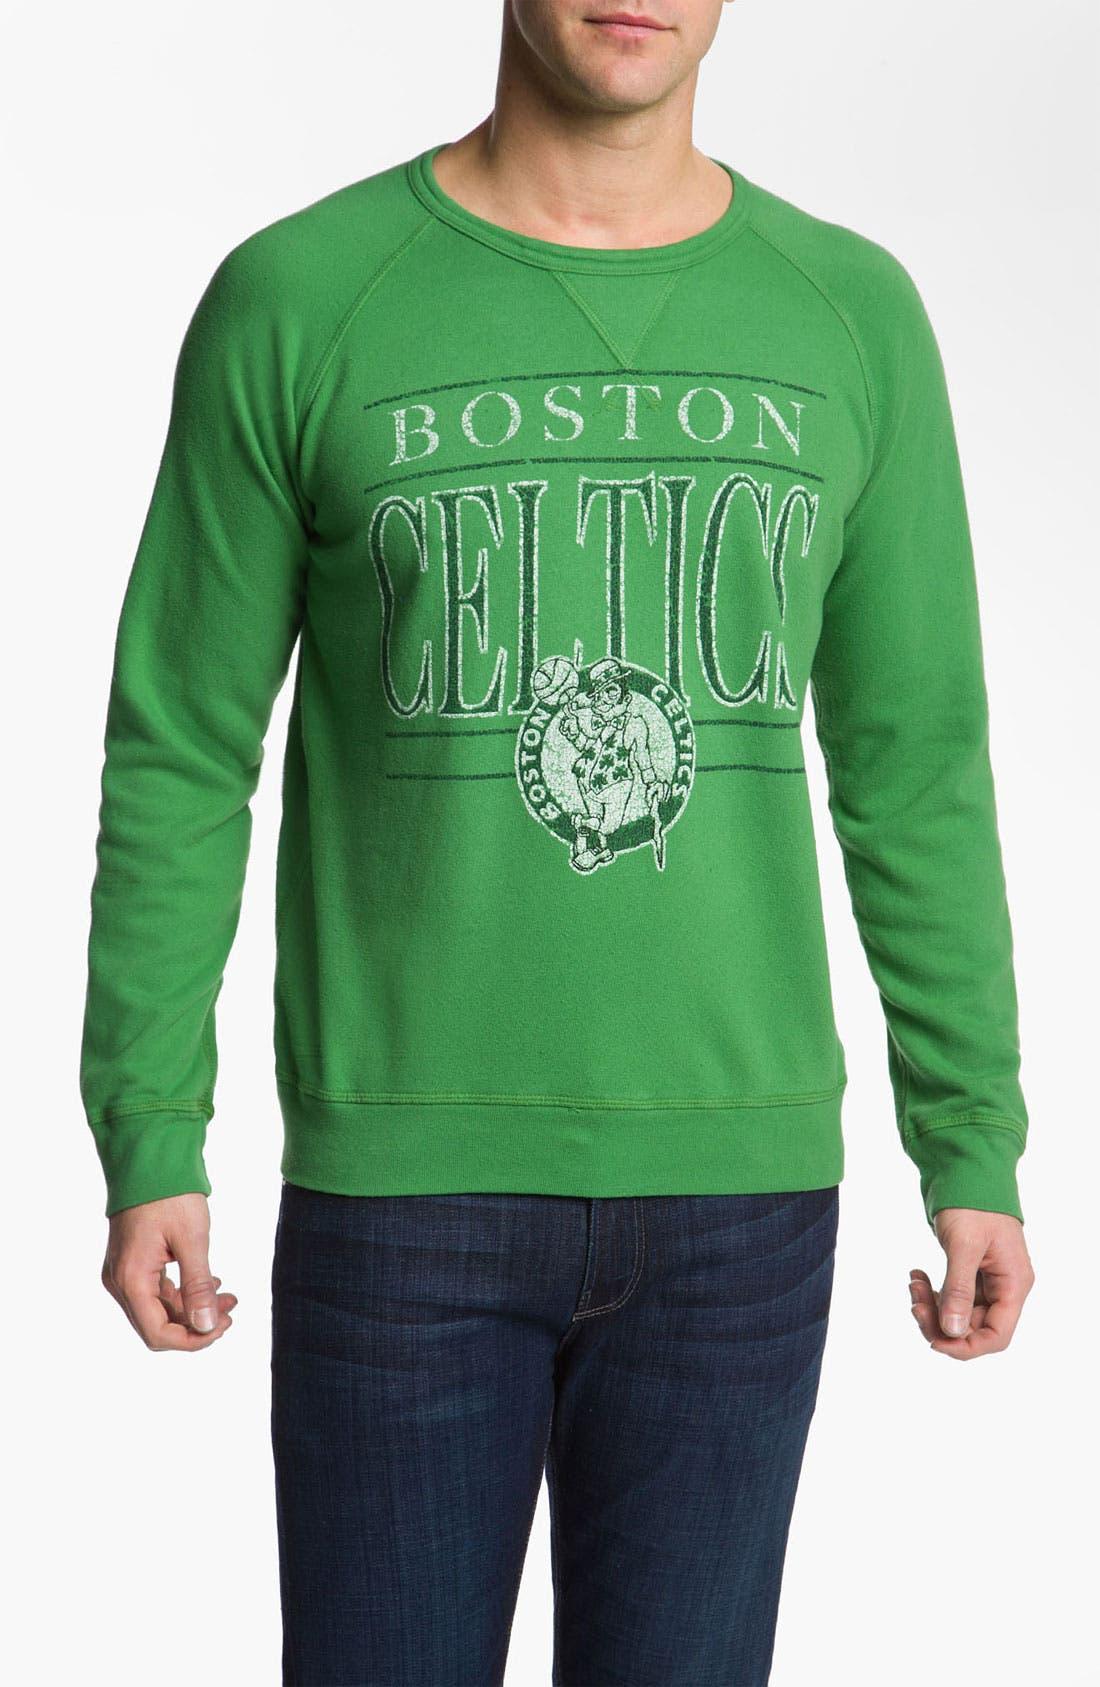 Alternate Image 1 Selected - Junk Food 'Boston Celtics' Sweatshirt